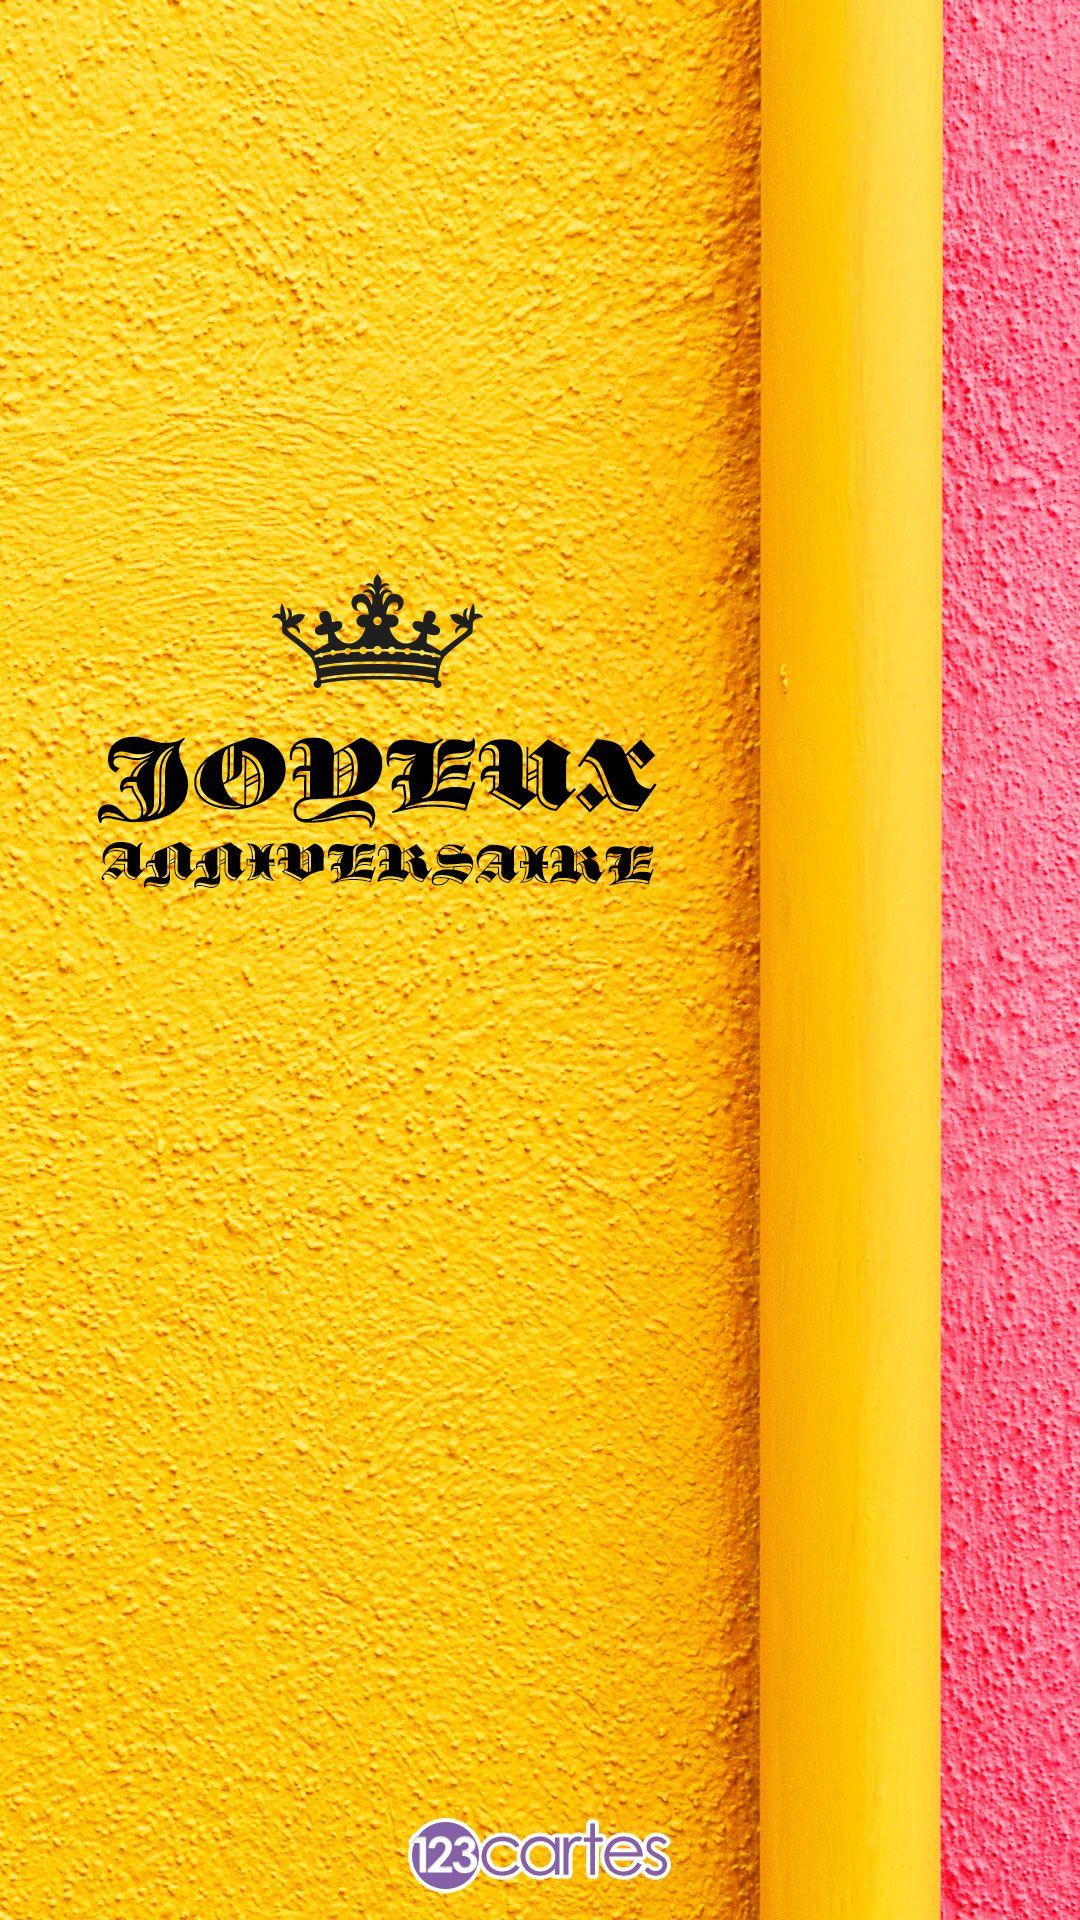 Mur peint en jaune et rose avec le texte joyeux anniversaire